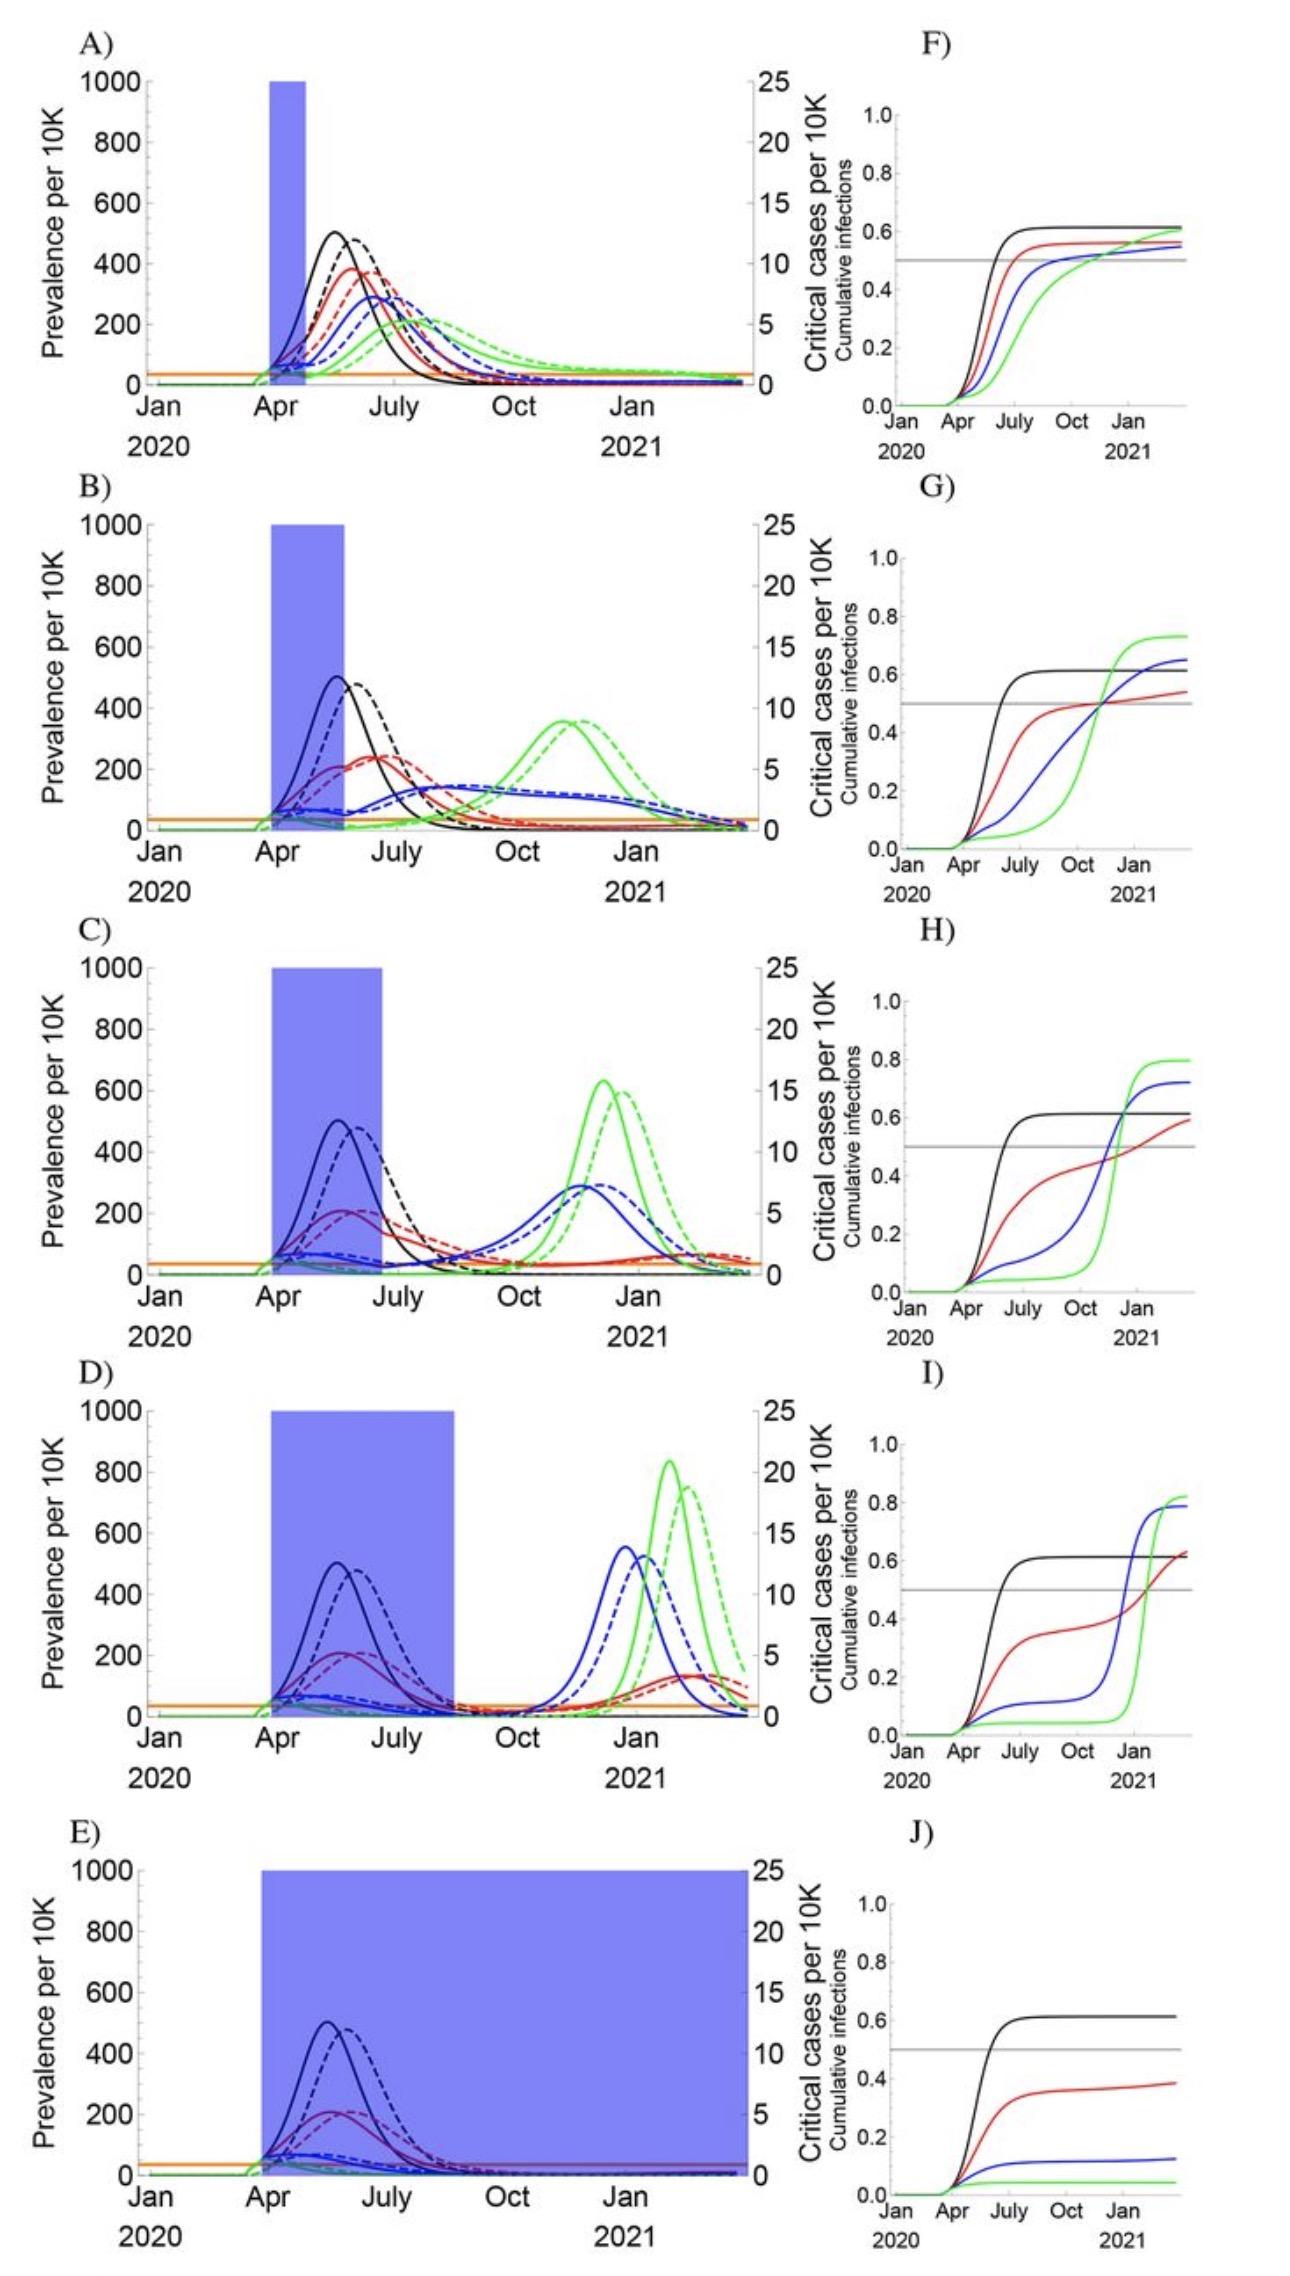 蓝色方块表示一次性保持社交疏远的时长。实线表现模拟患病率(对应左侧数据),虚线表现重症患者数量(对应右侧数据),不同颜色表现保持社交疏远带来的感染率下降分别为 0%(黑色)、20%(红色)、40%(蓝色)、60%(绿色)